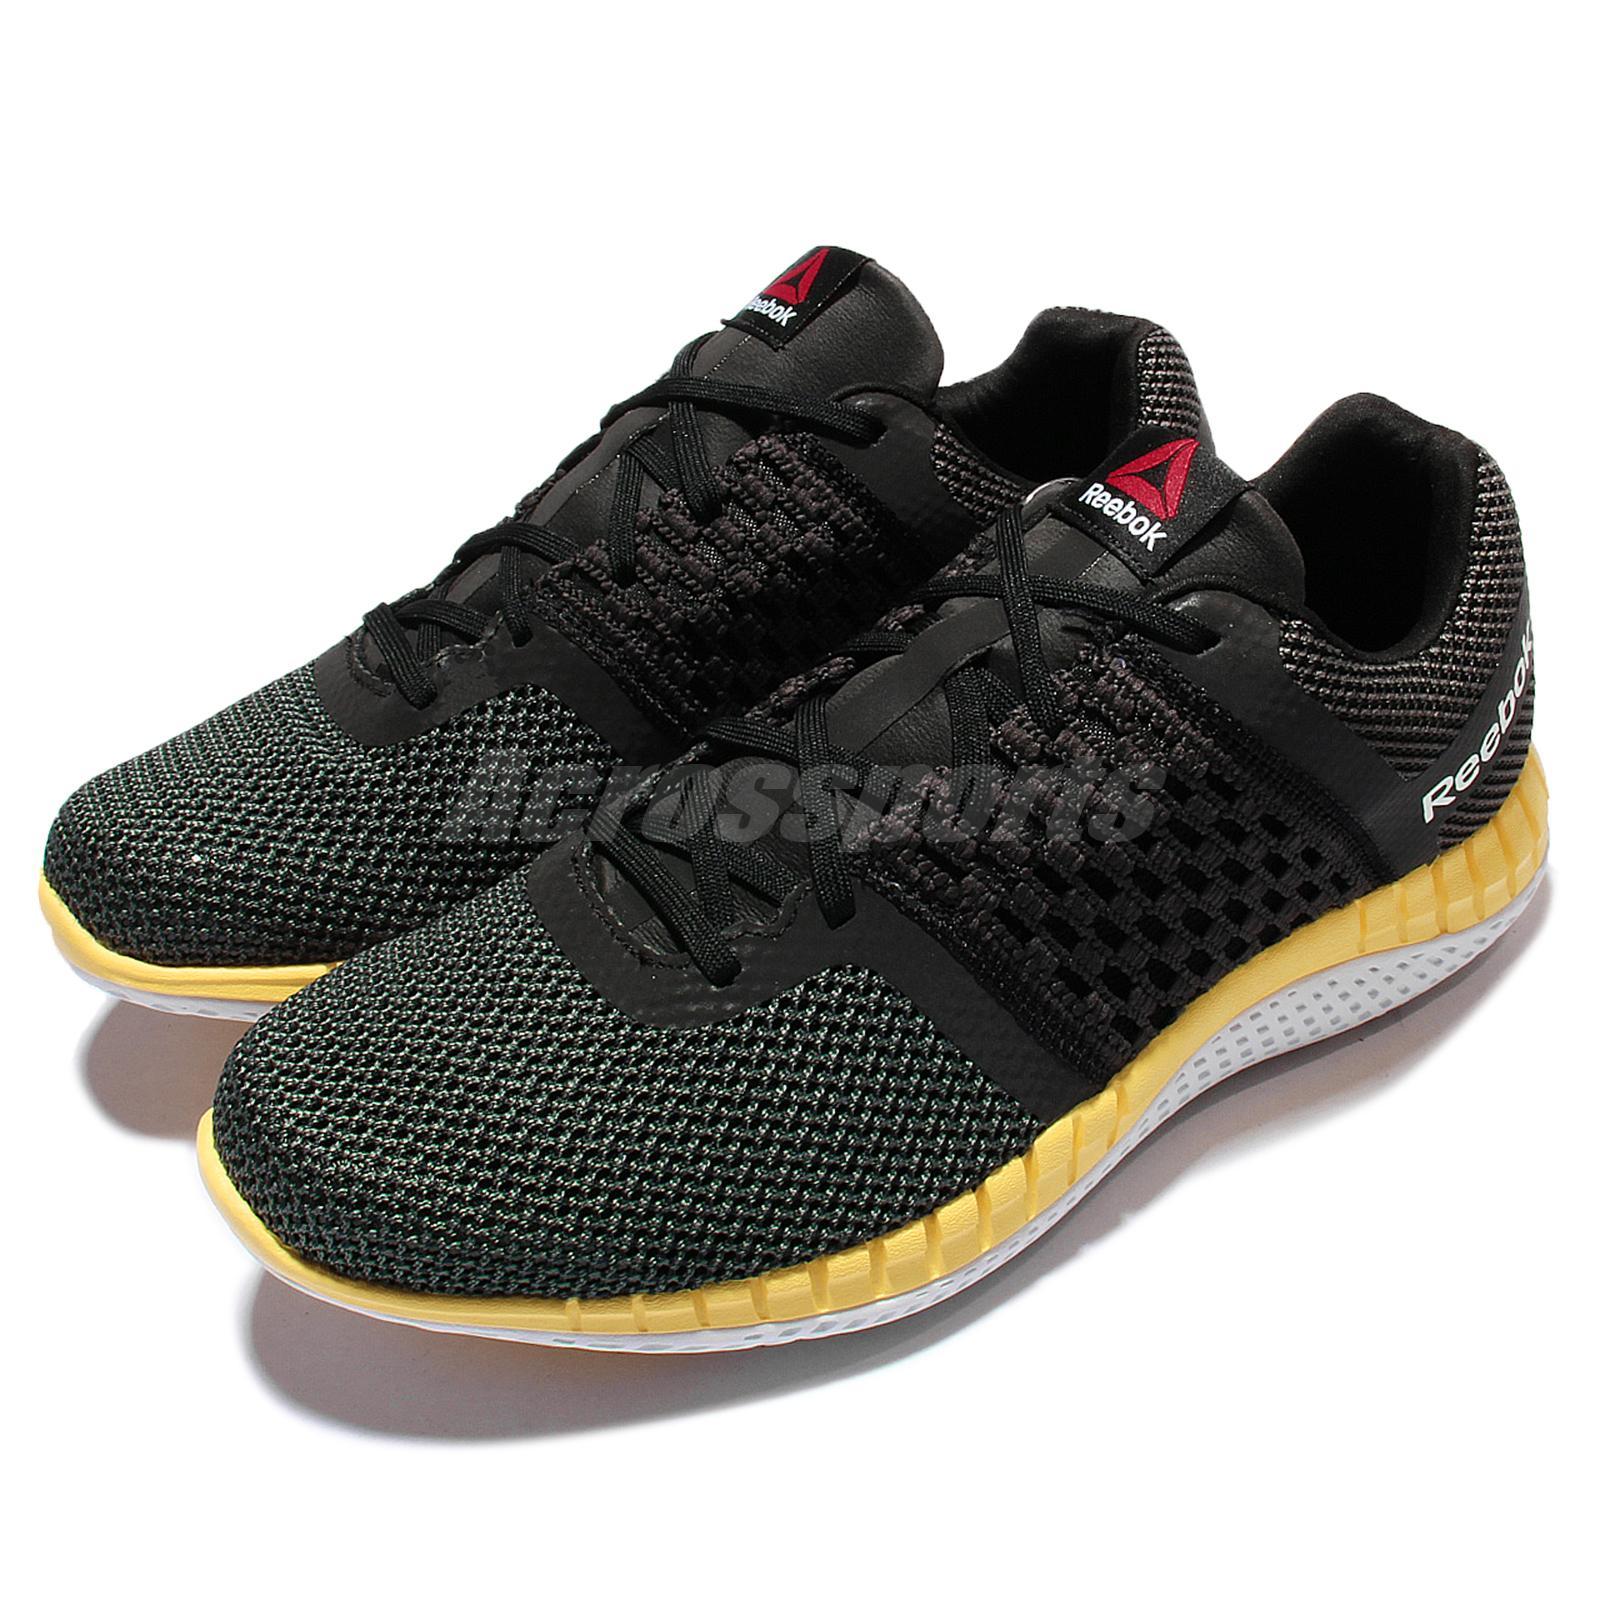 Mens Zprint Running Shoes Reebok